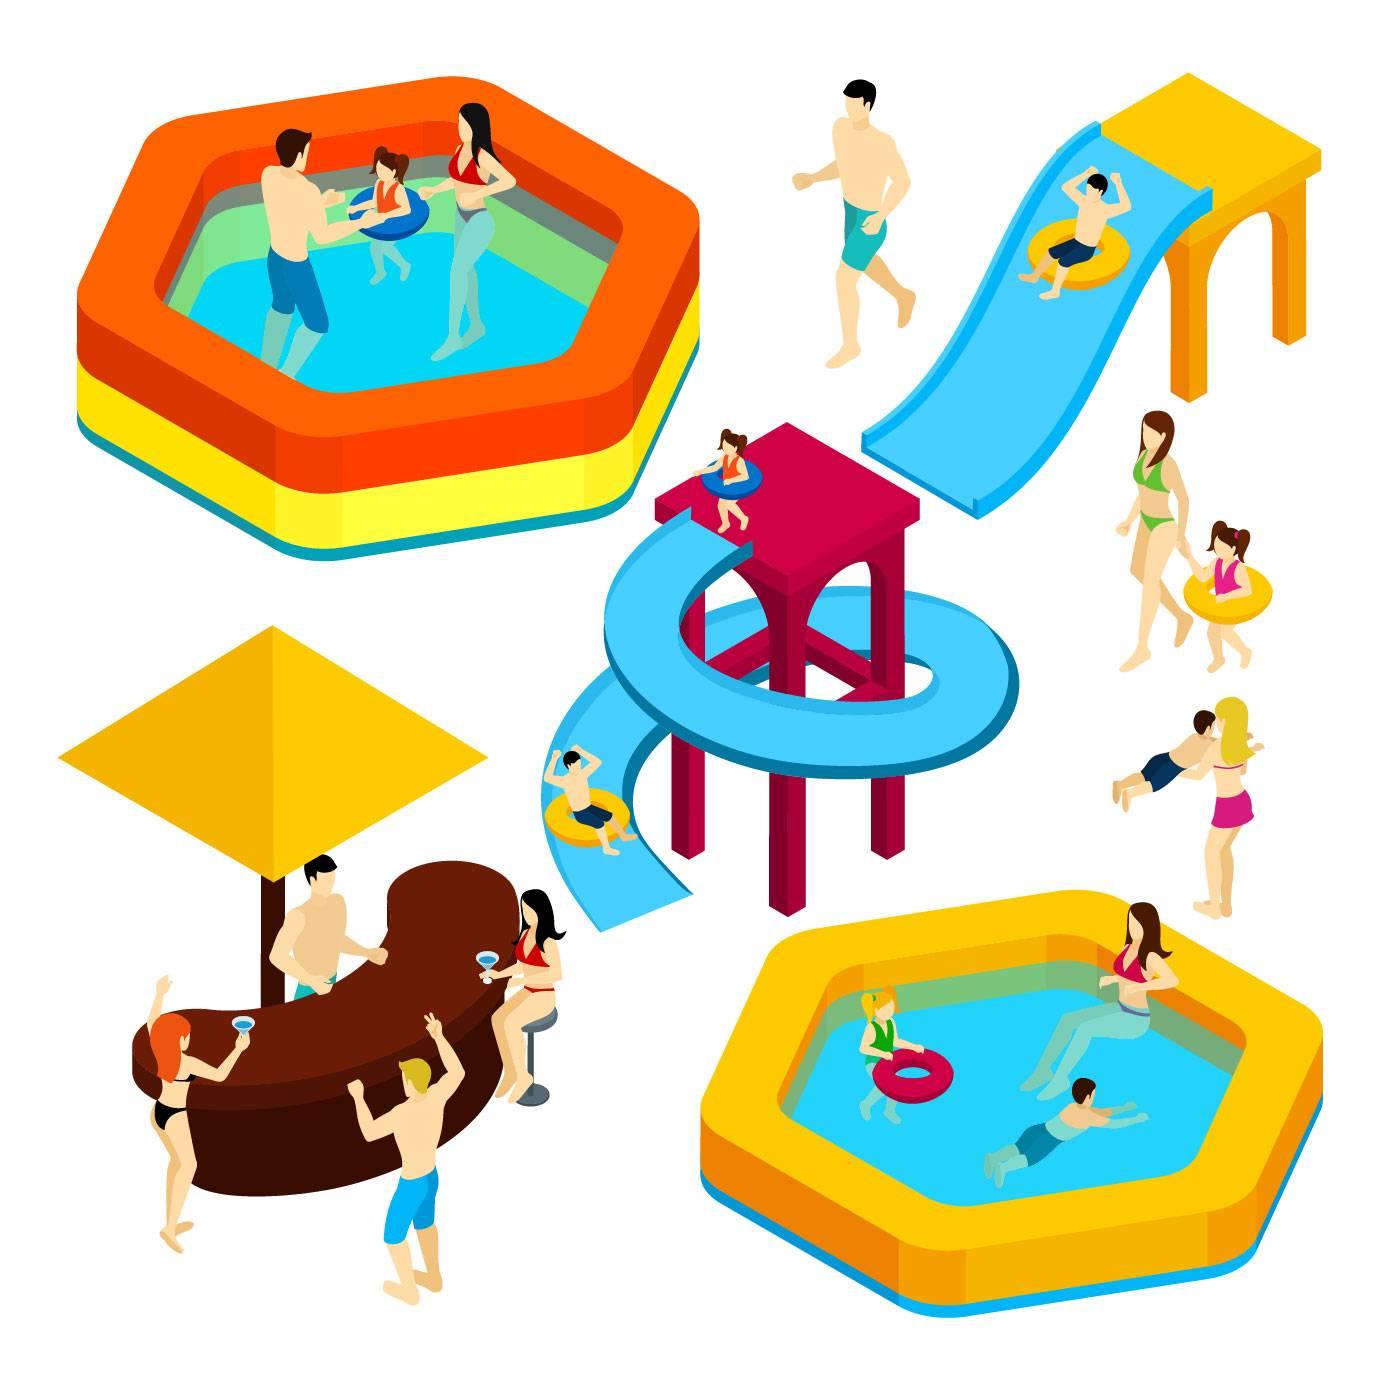 立体卡通游泳池设计